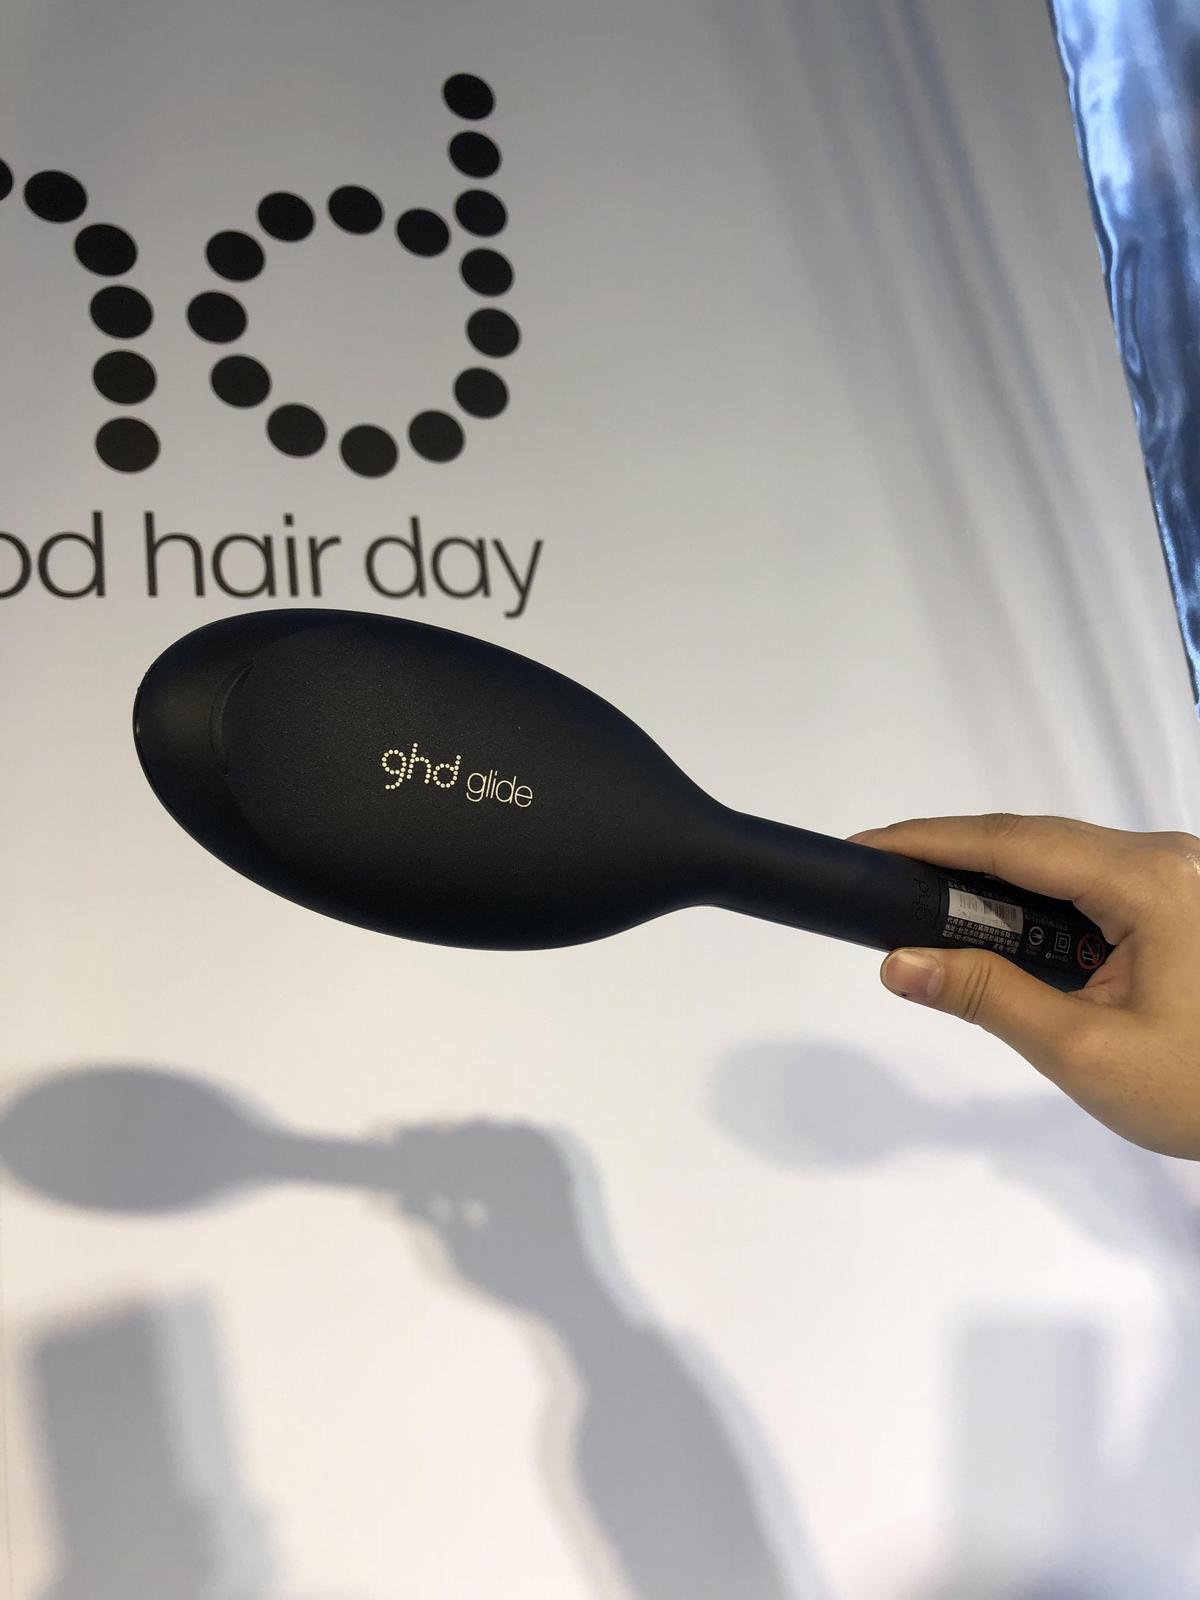 自然捲的救星來了〜ghd英國上市三天就缺貨的glide電子梳,手殘也能變高手,一梳就直一彎就鬆